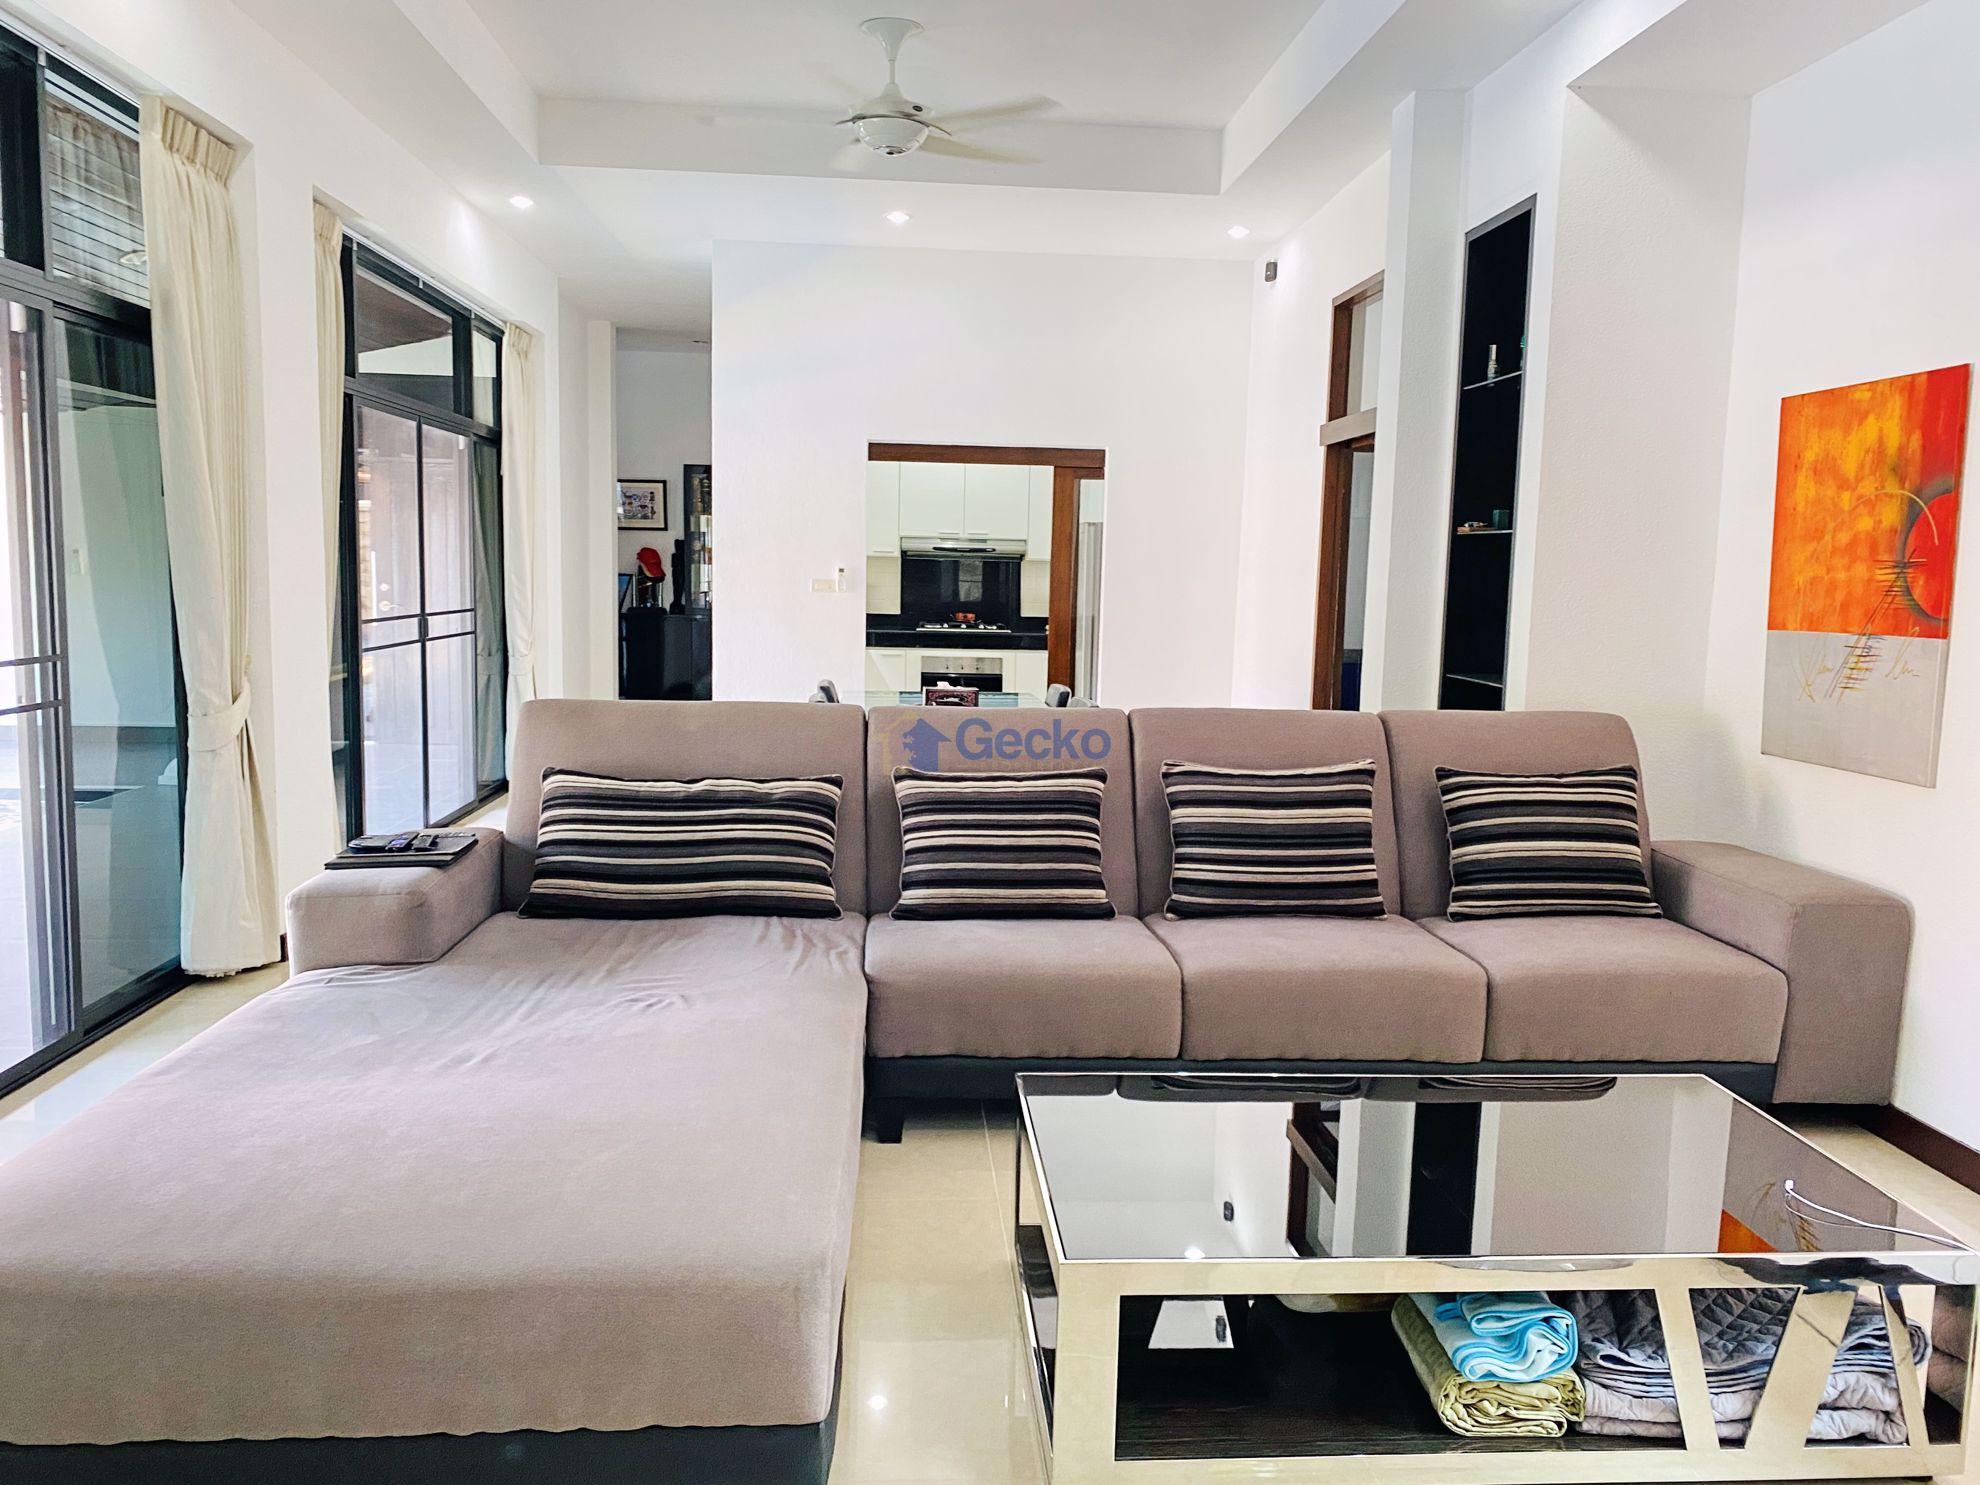 รูปภาพ 3 Bedrooms bed in House in Siam Lake View in East Pattaya H009209